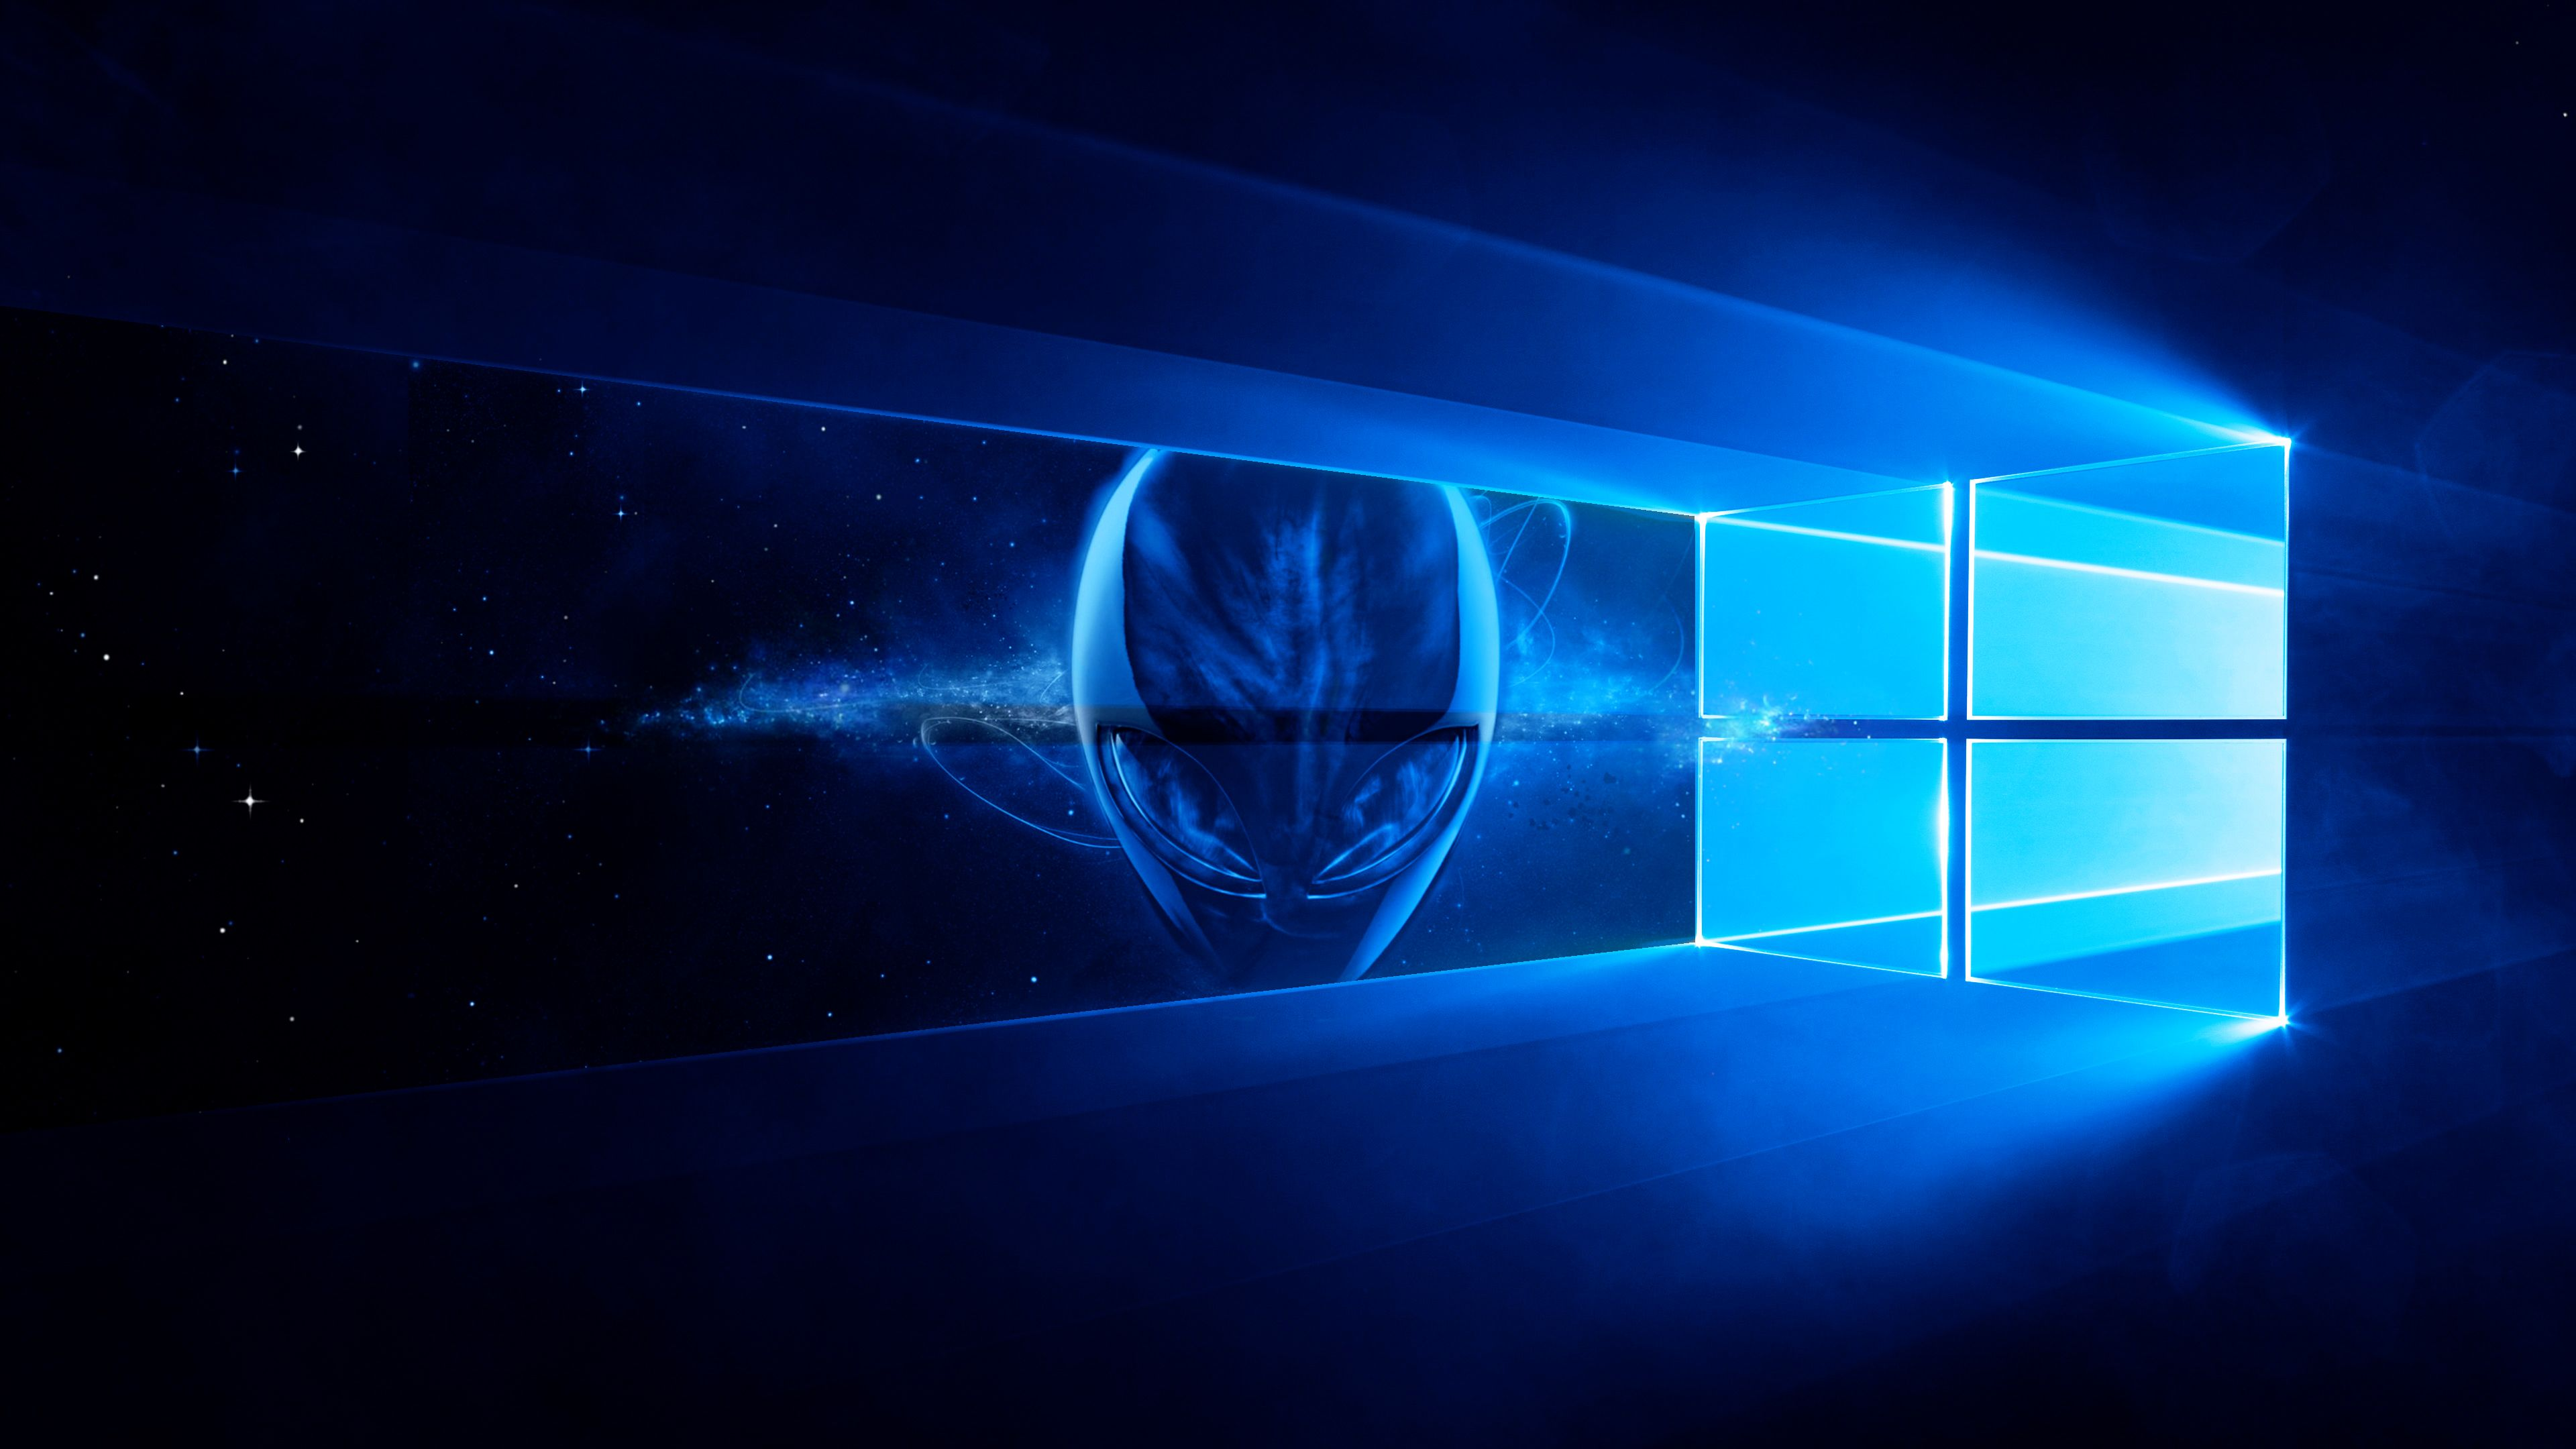 Alienware Wallpapers Top Free Alienware Backgrounds Wallpaperaccess